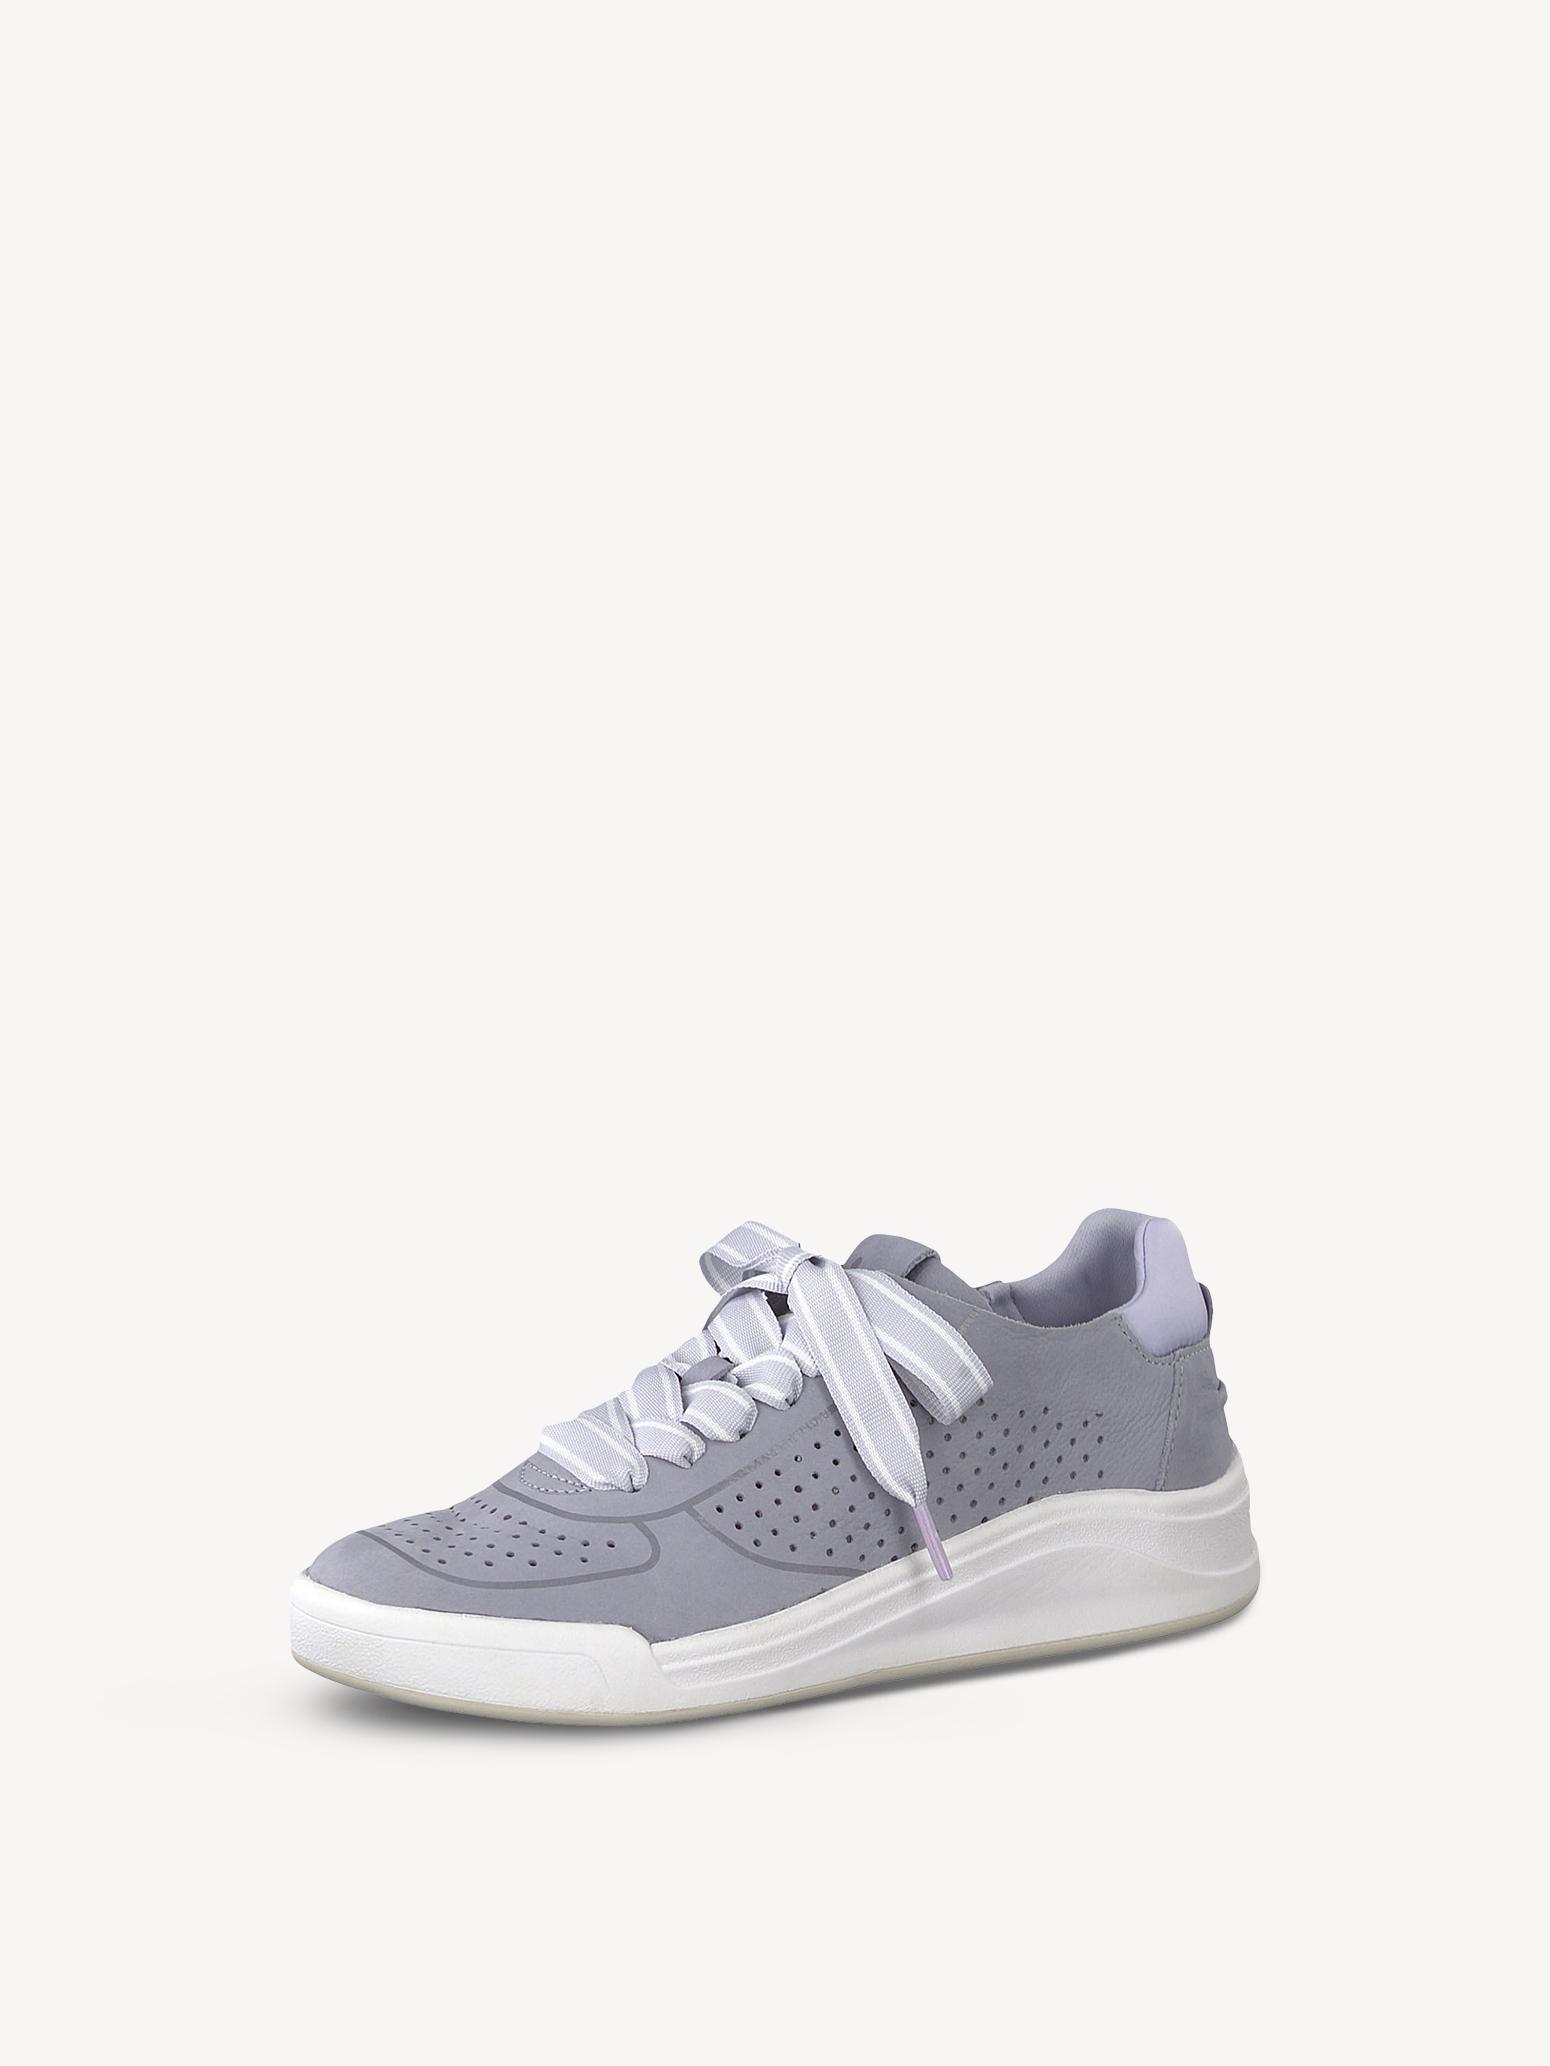 1 22Tamaris Ledersneaker Sneaker Online 1 23710 Kaufen nm0wyvN8OP